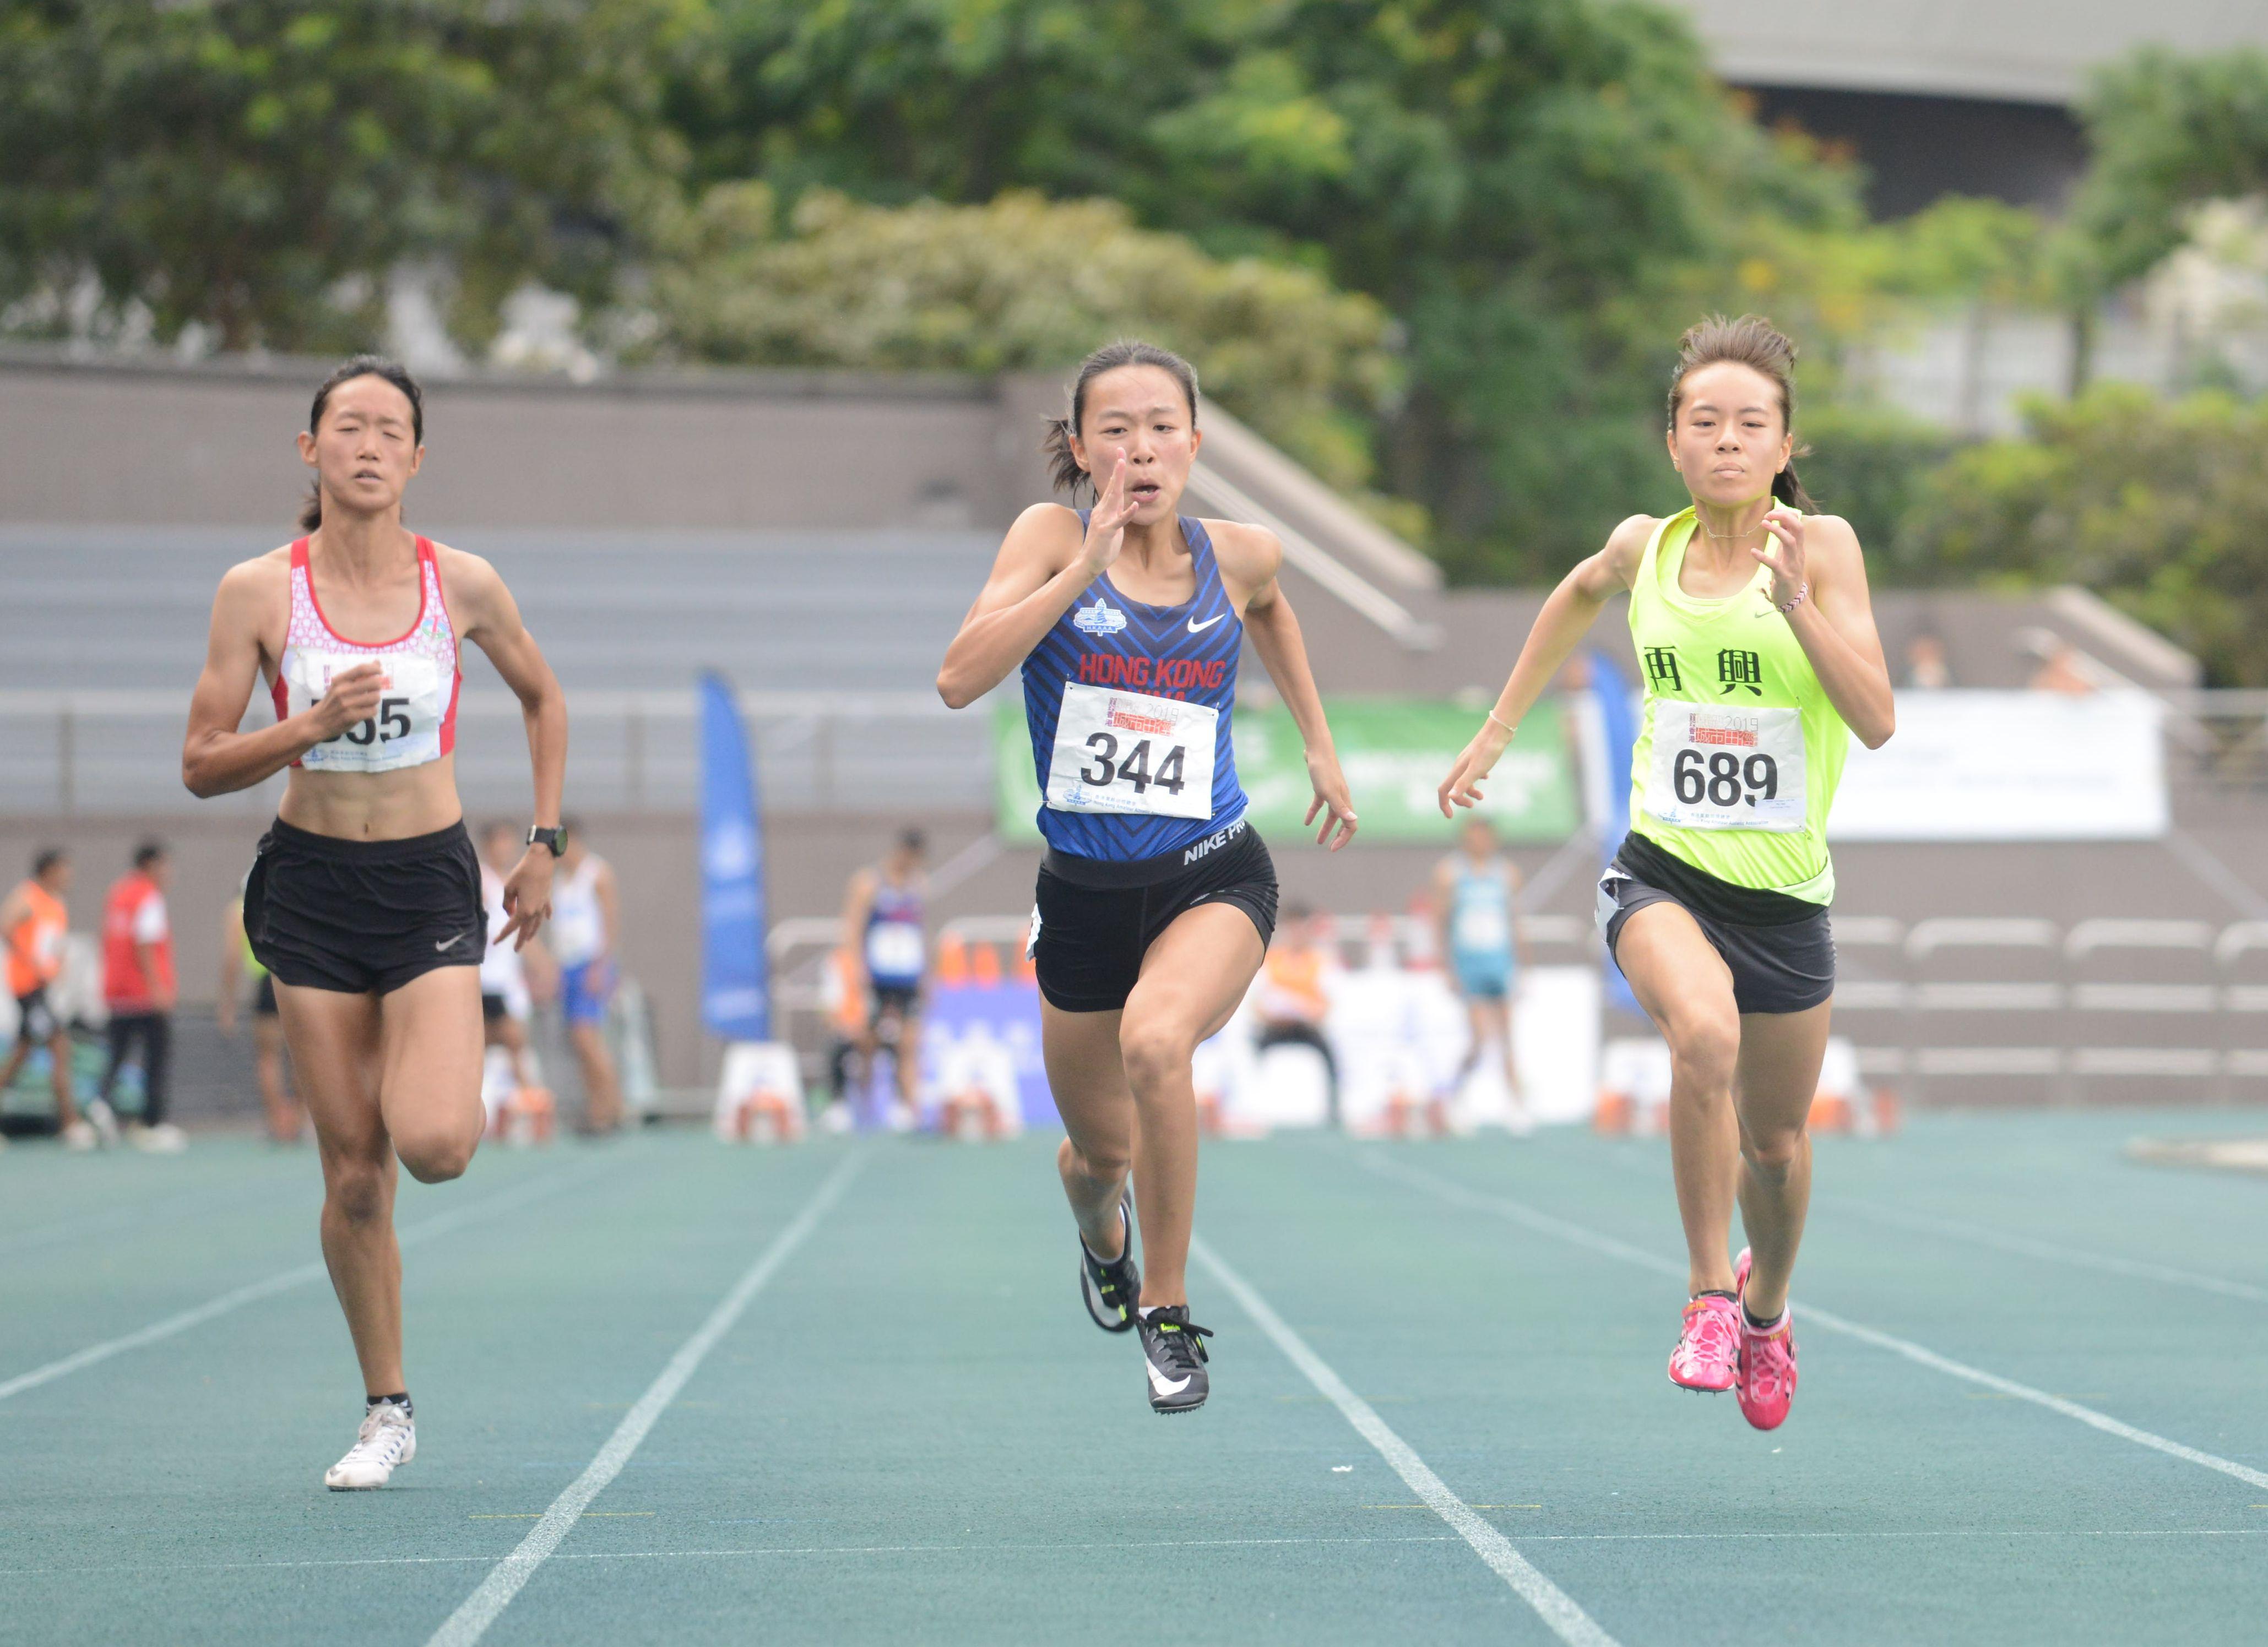 梁詠曦於女子100米決賽奪得亞軍。馮梓健攝